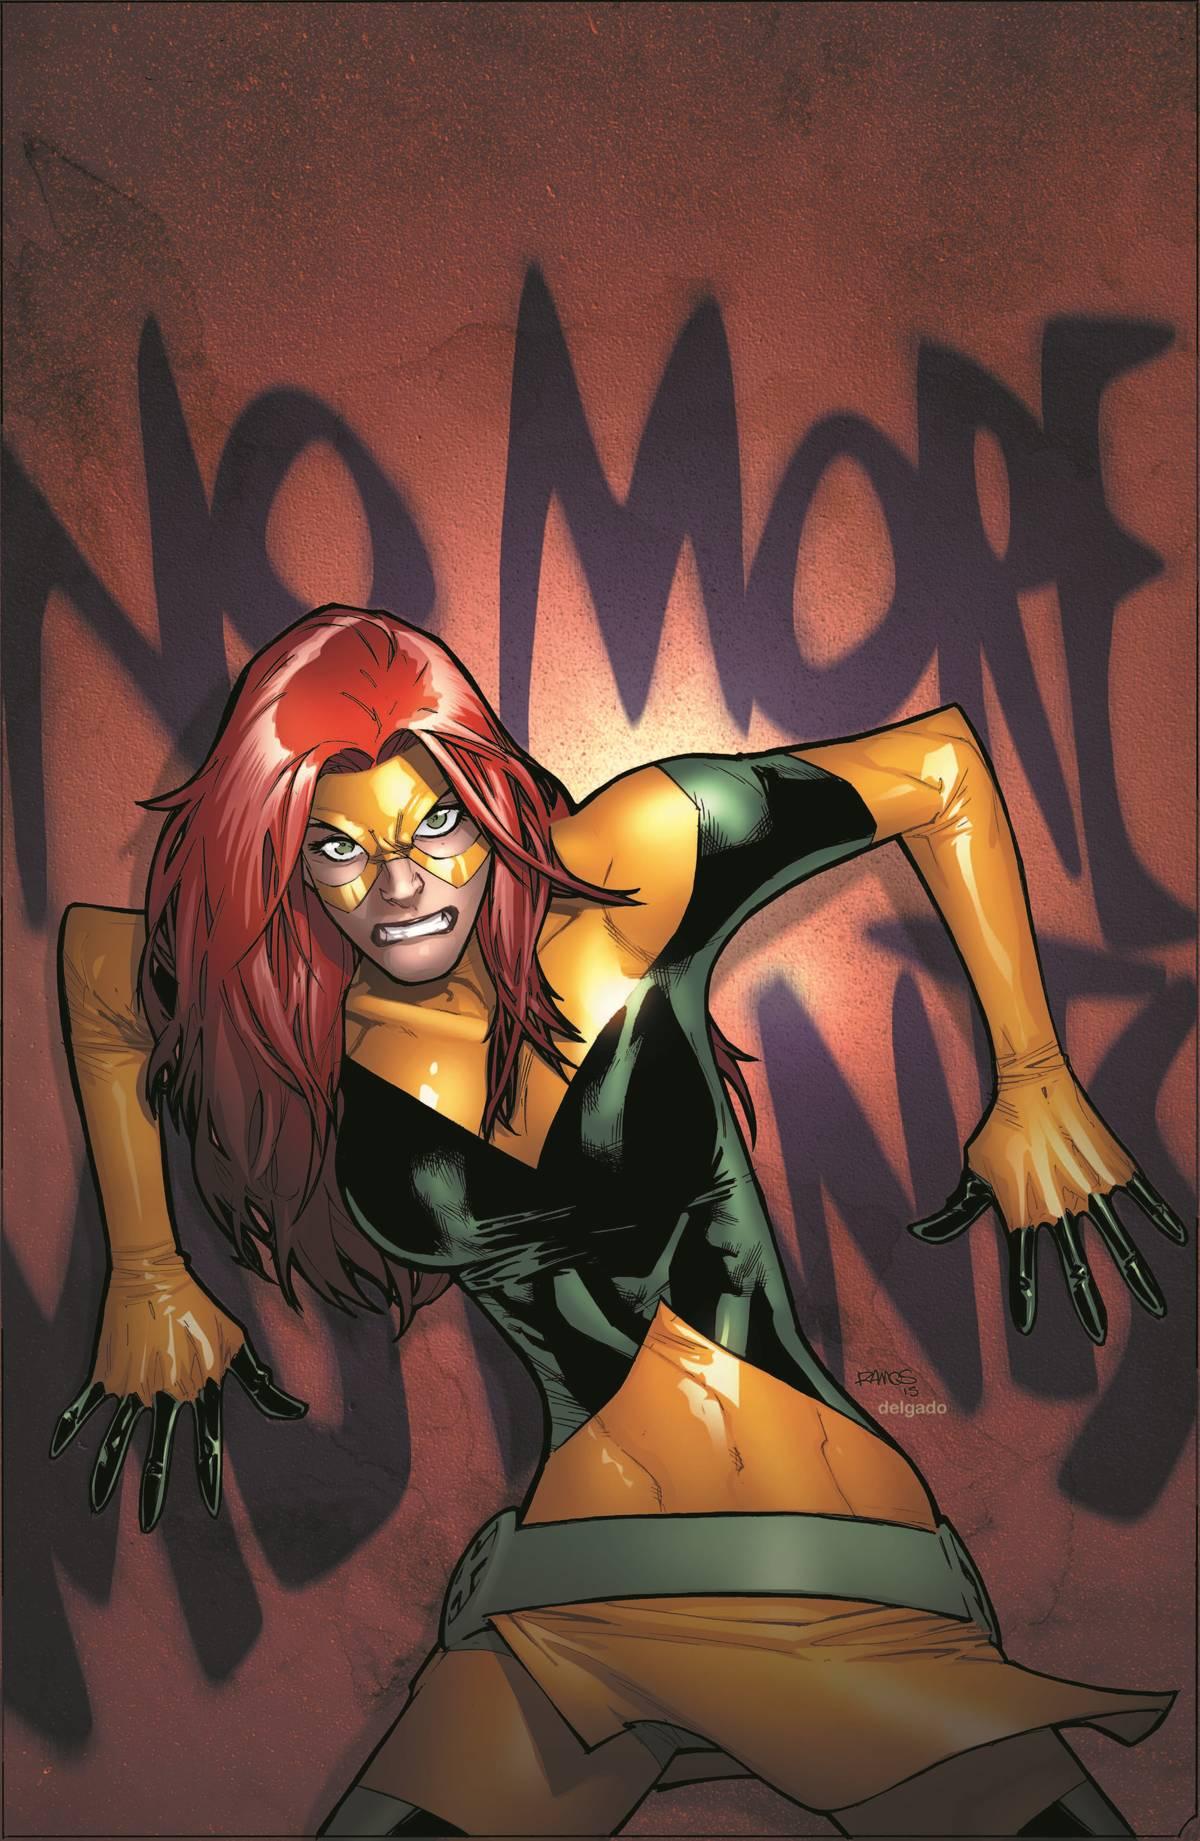 X Men 2 Comic Extraordinary X-Men #2...